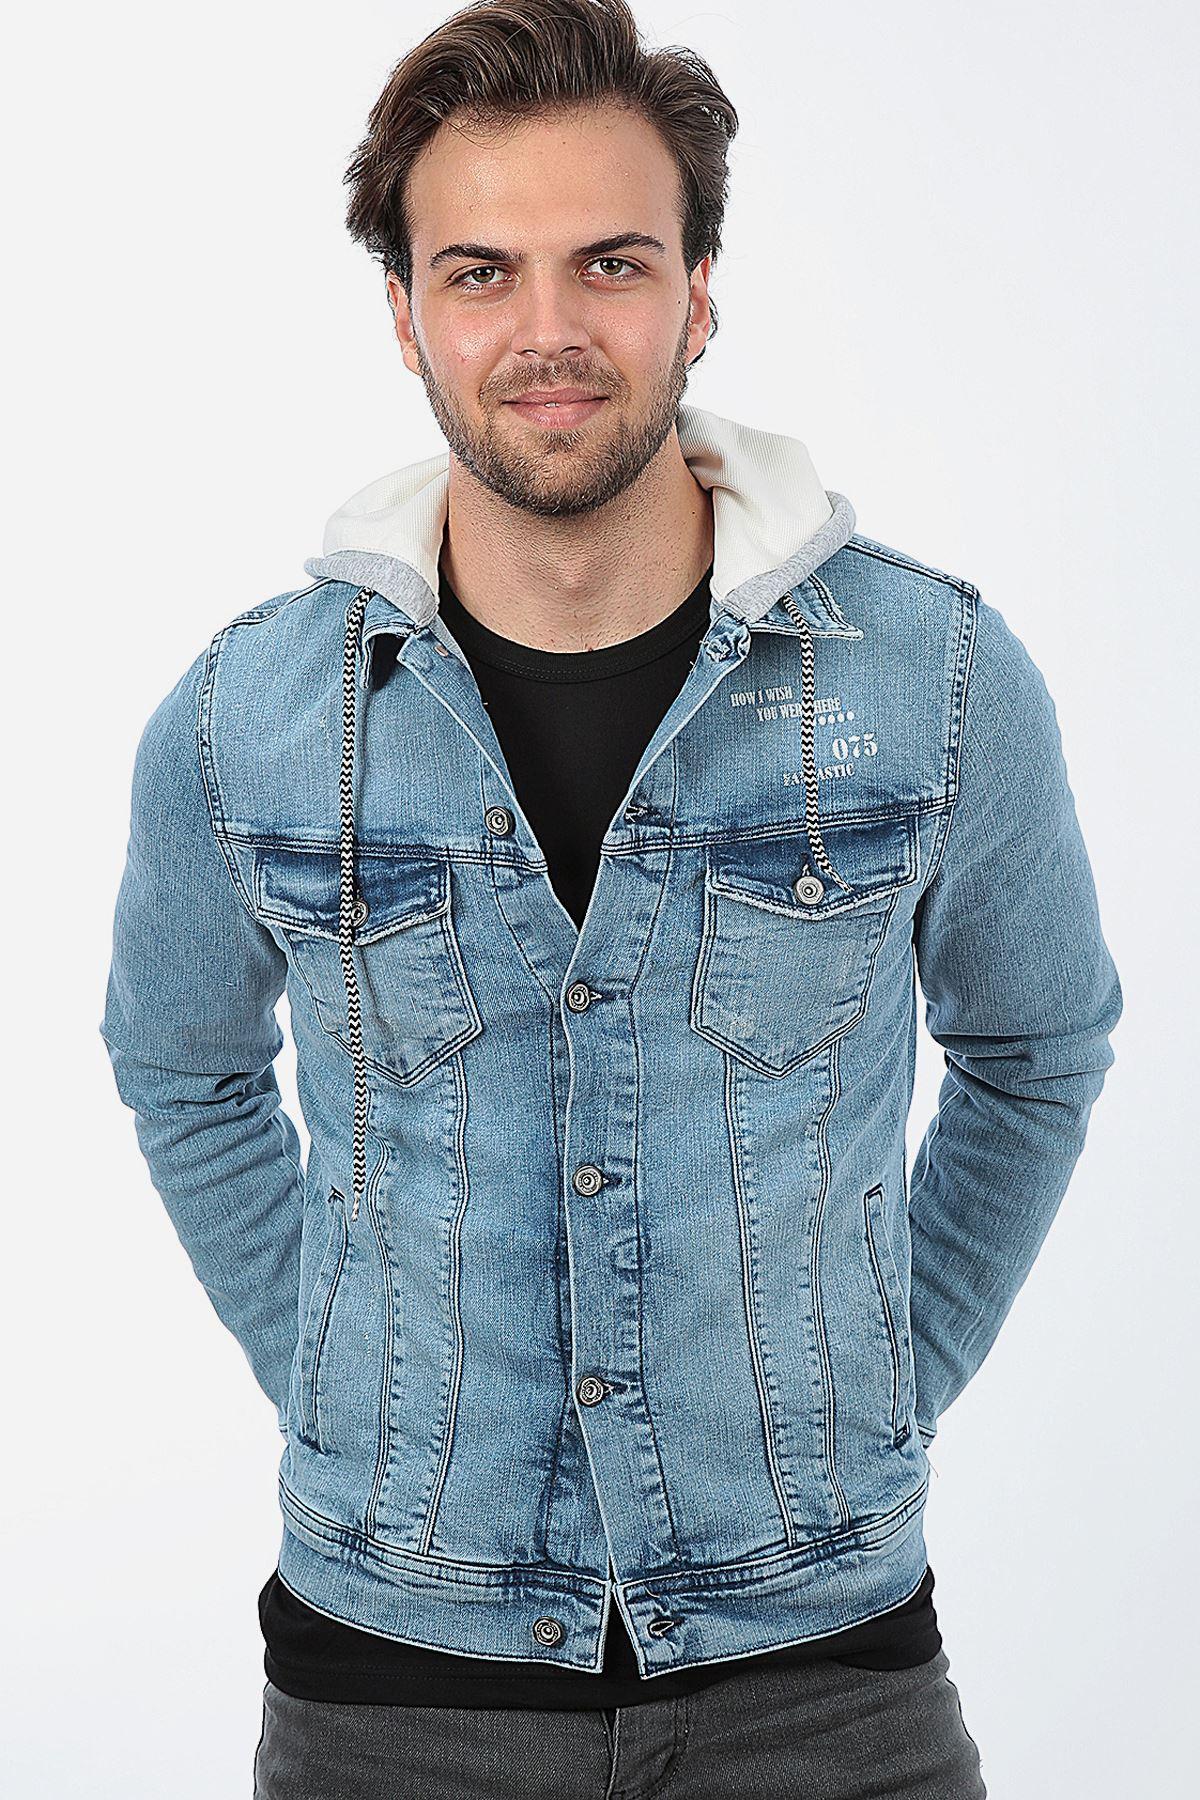 Erkek Kapüşonlu Yıpratmalı Açık Mavi Baskılı Yıkamalı Kot Ceket